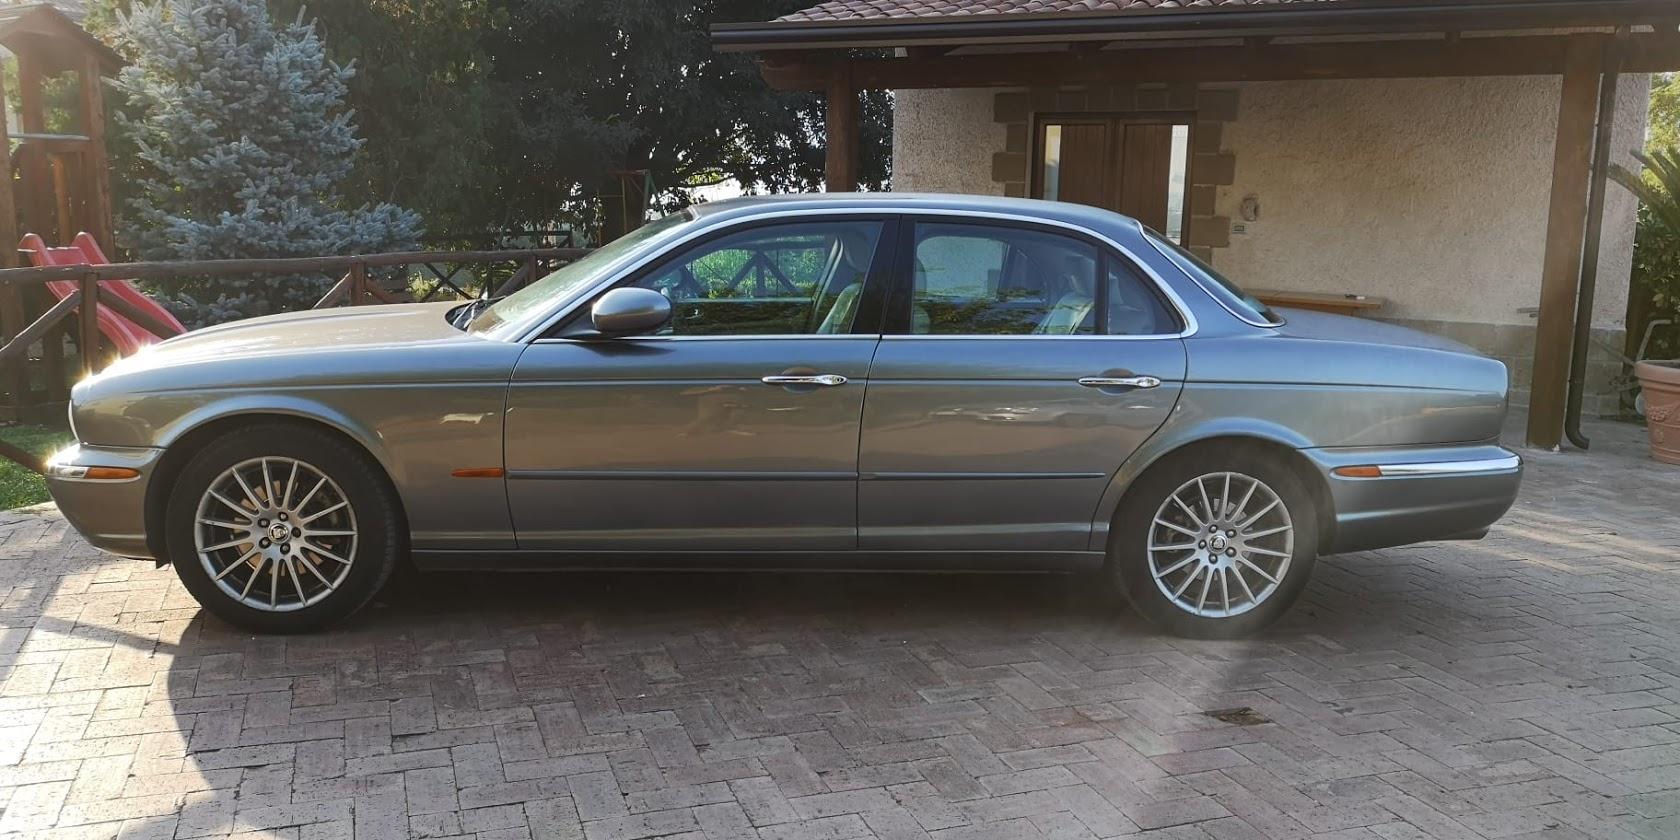 Jaguar XJ auto d'epoca per matrimoni ed eventi speciali da noleggiare a Roma e provincia a prezzi eccezionali